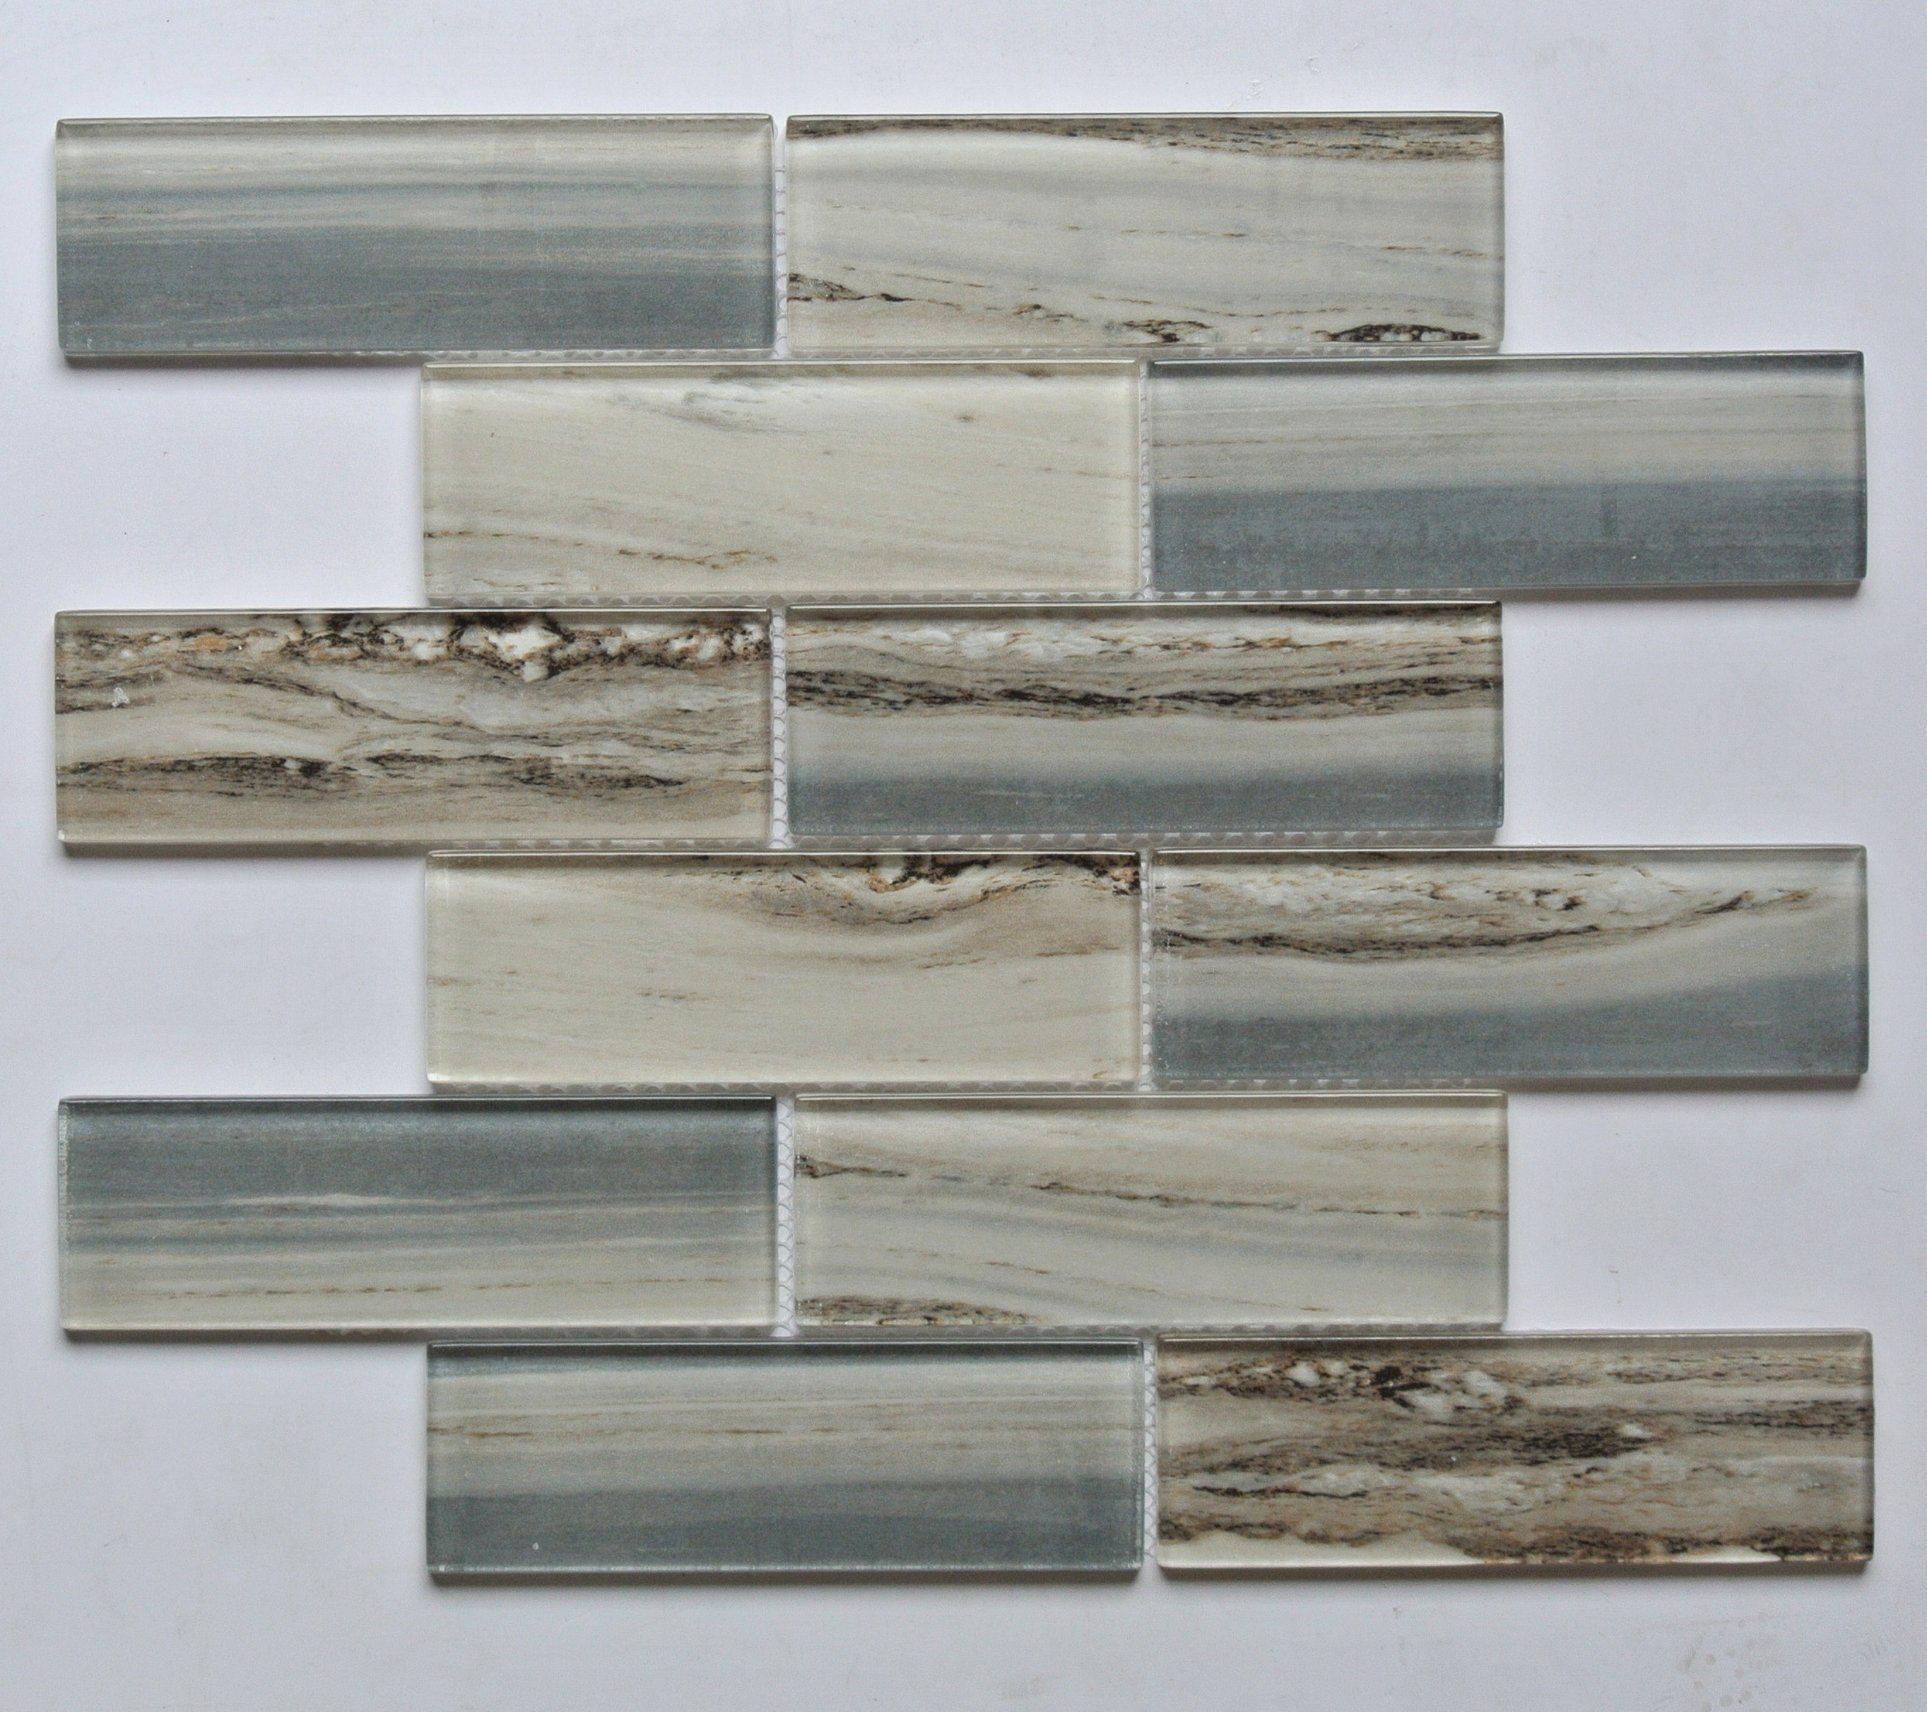 China High Quality Wooden Pattern Laminated Crystal Glass Mosaic Backsplash Glass Mosaic Wall Tiles G849015 B China Glass Mosaic Mosaic Tile